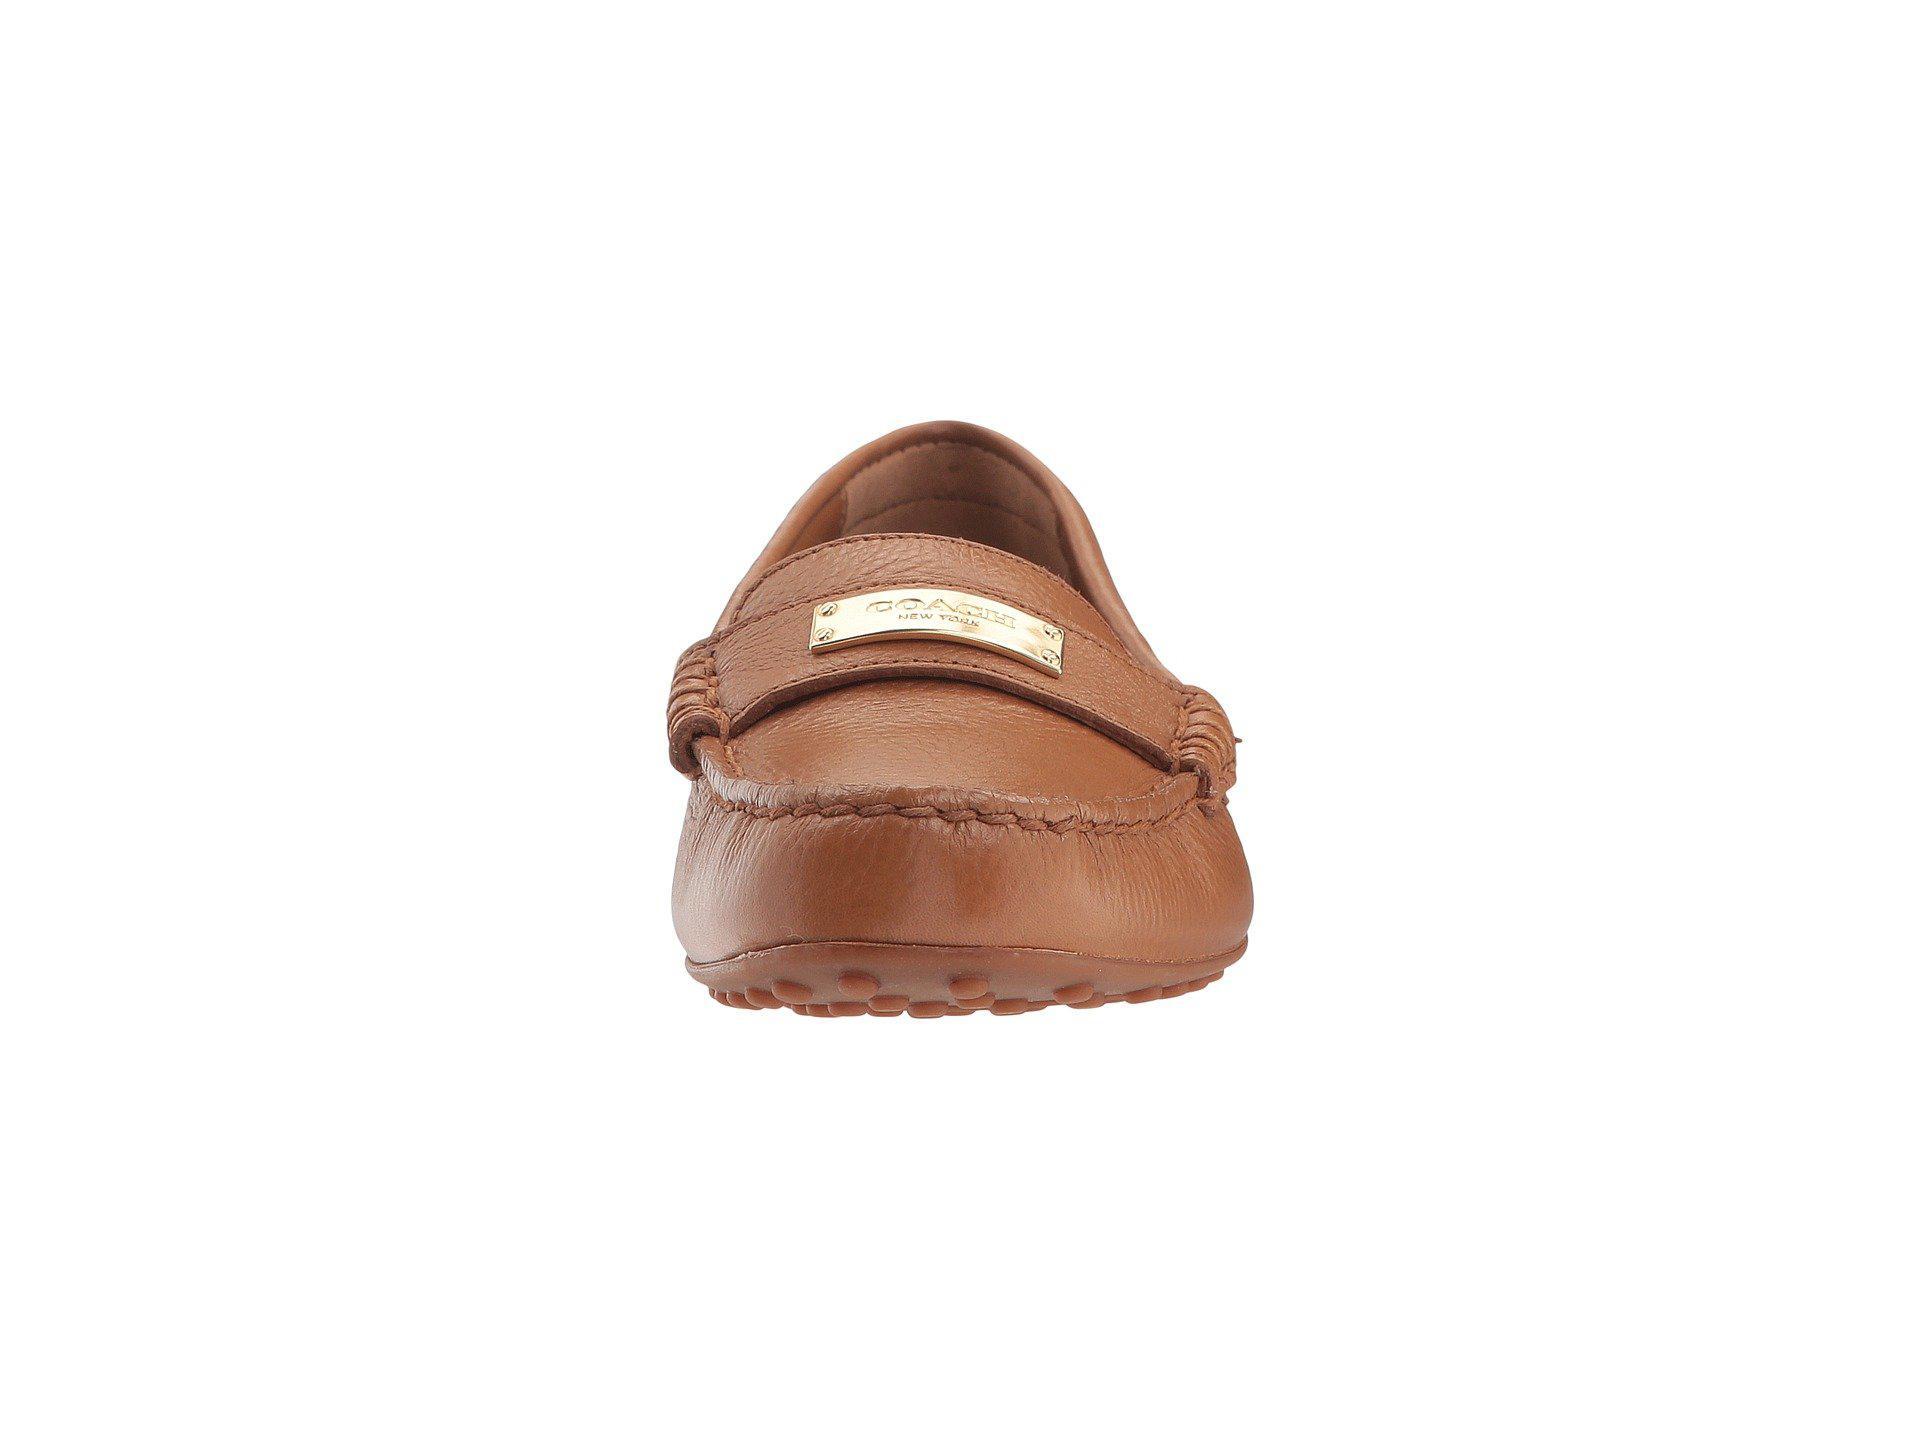 41e71b48144 Lyst - COACH Fredrica Loafer in Brown